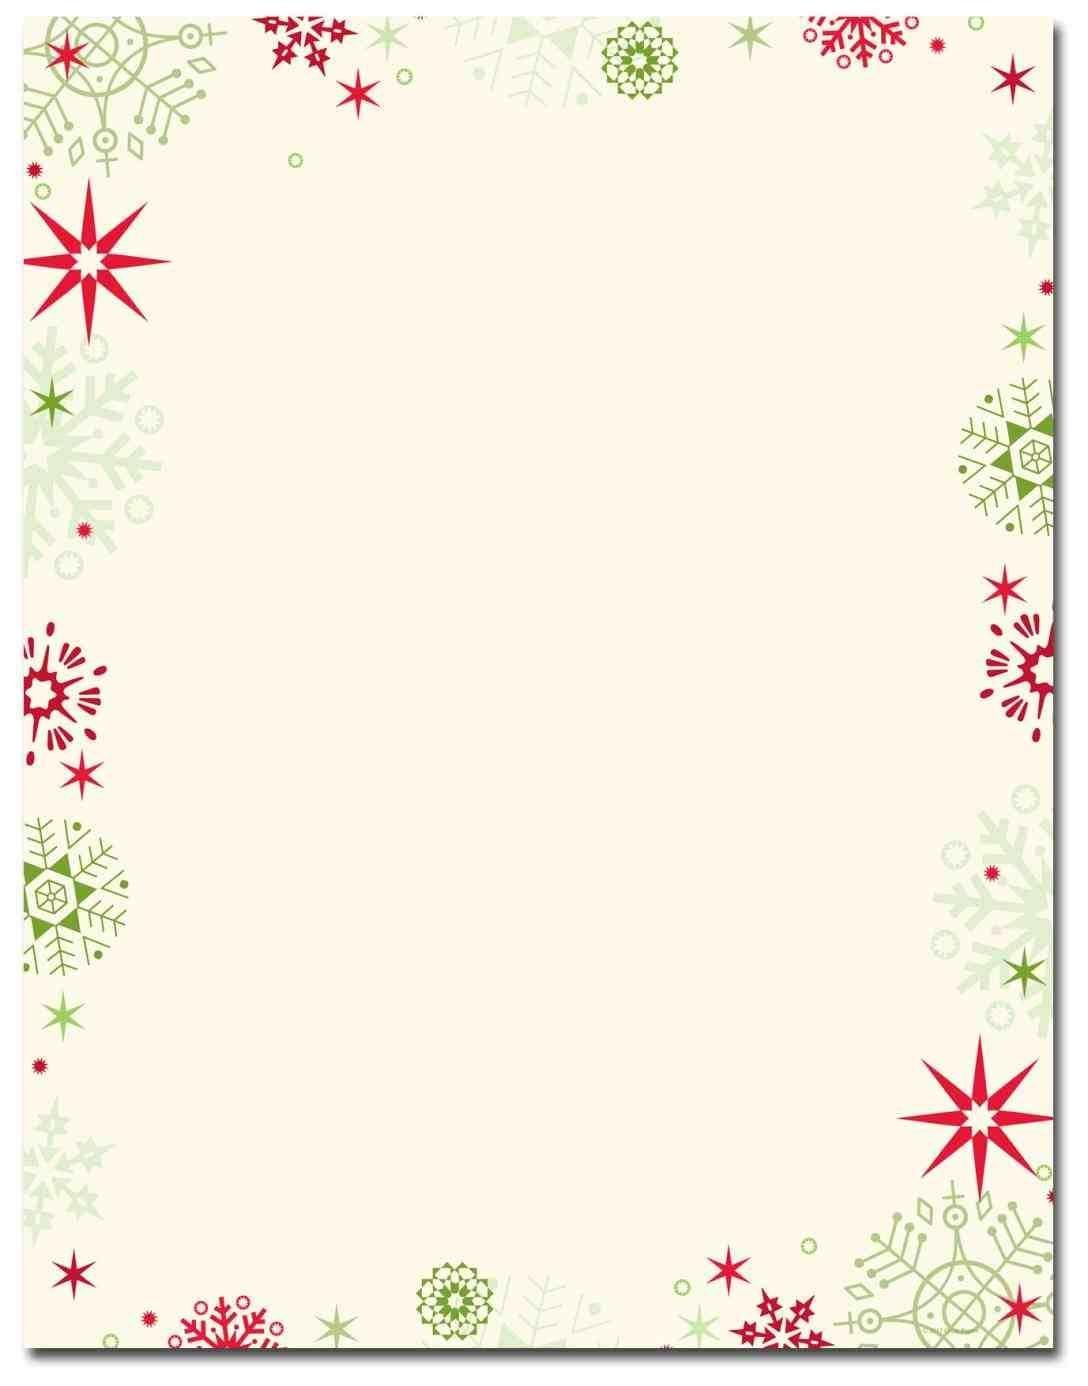 New Free Printable Christmas Stationary Borders At Temasistemi - Free Printable Christmas Stationary